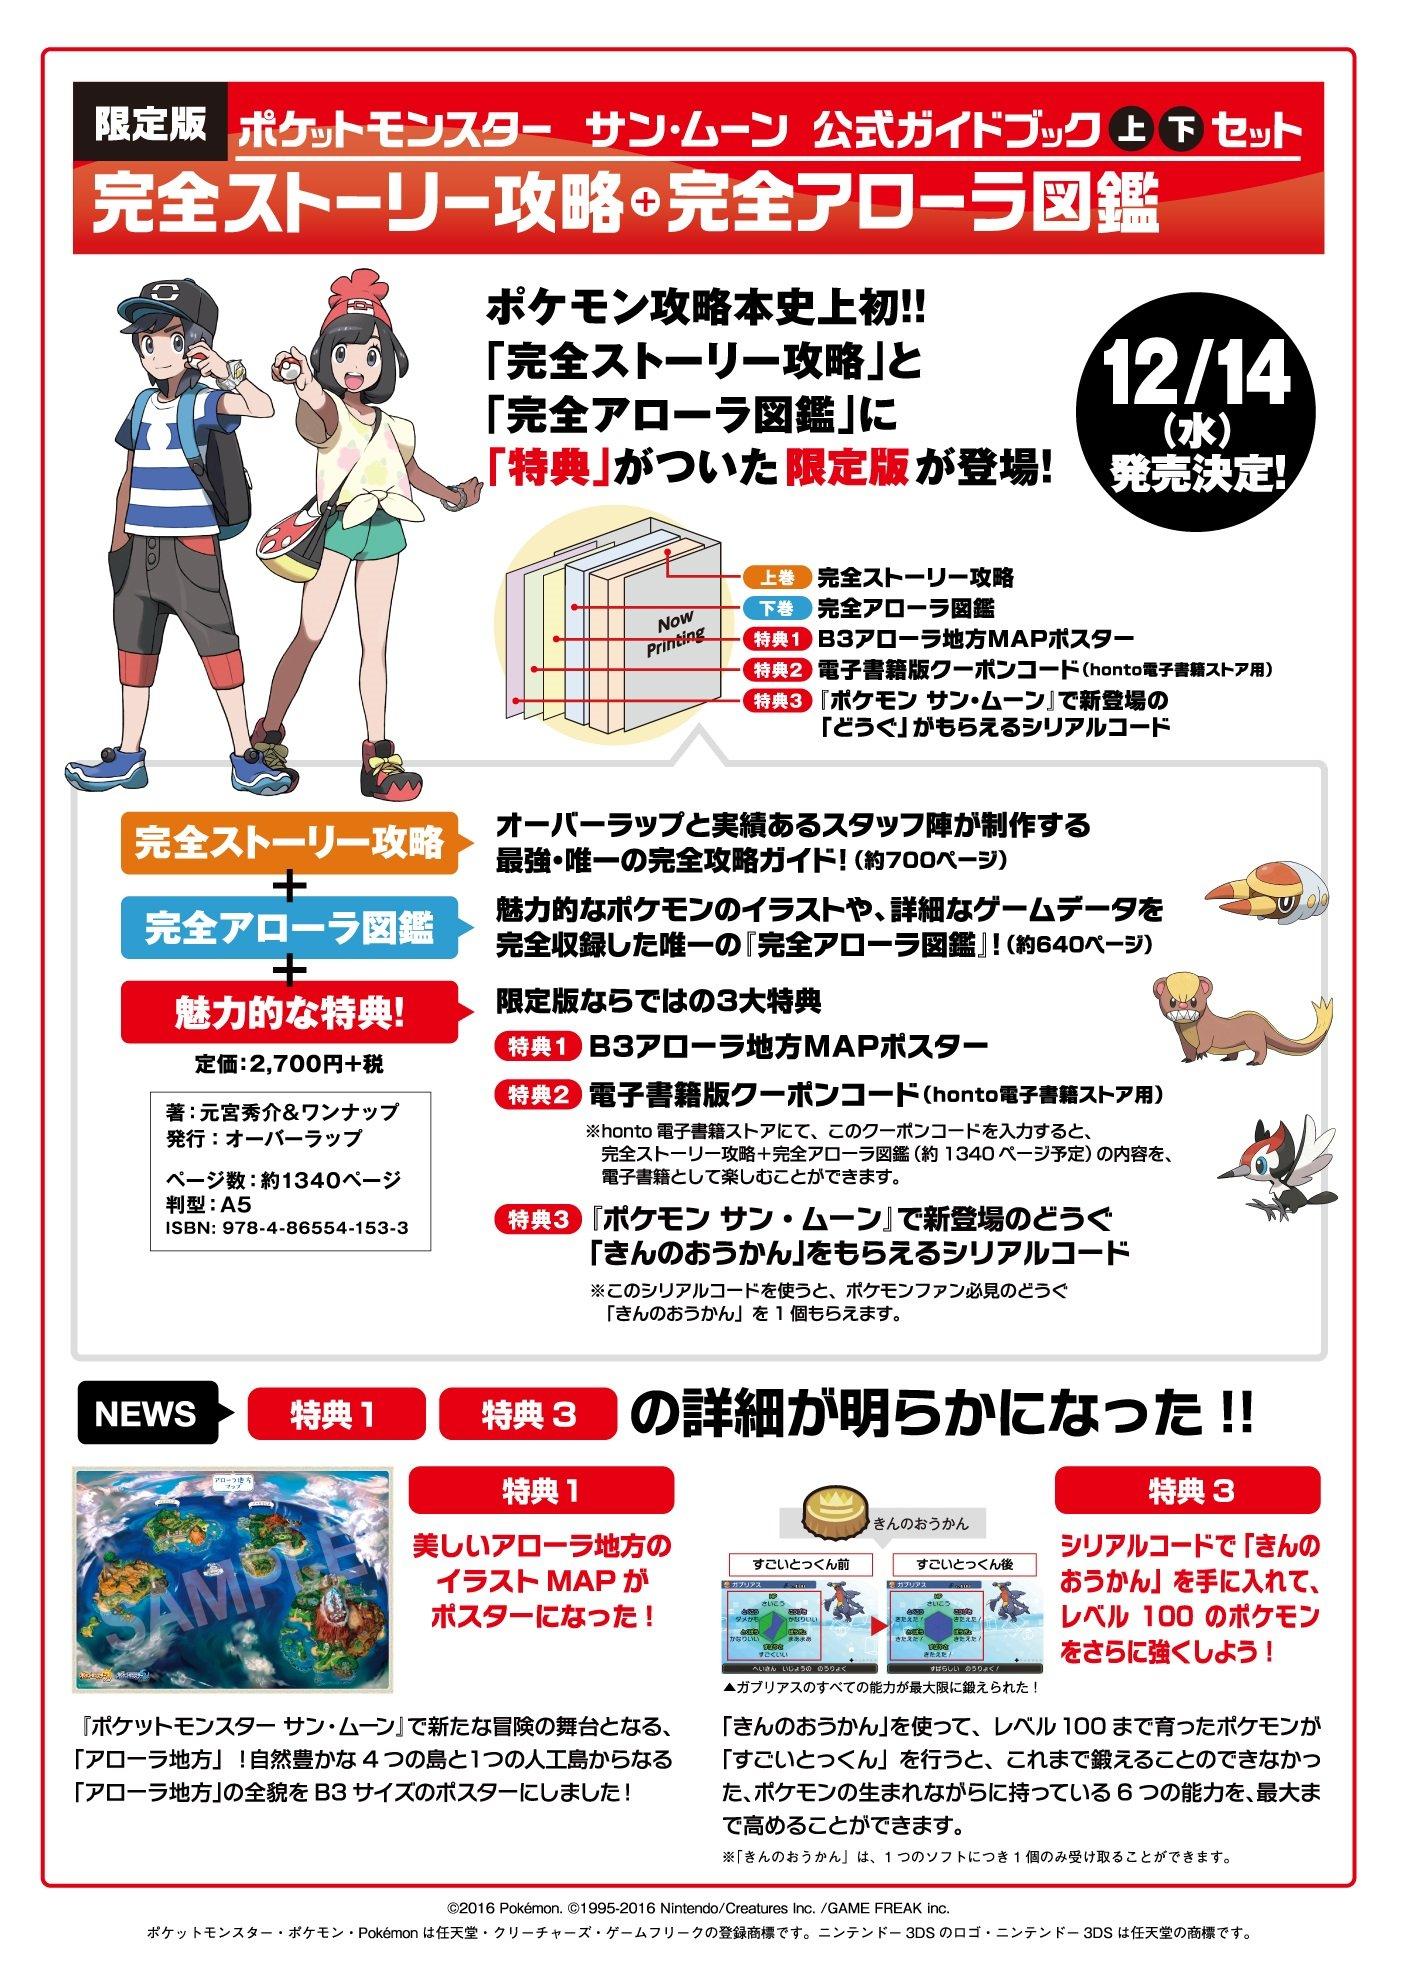 ポケモンサンムーン」の公式攻略本上下巻が発売! セット特典には「きん